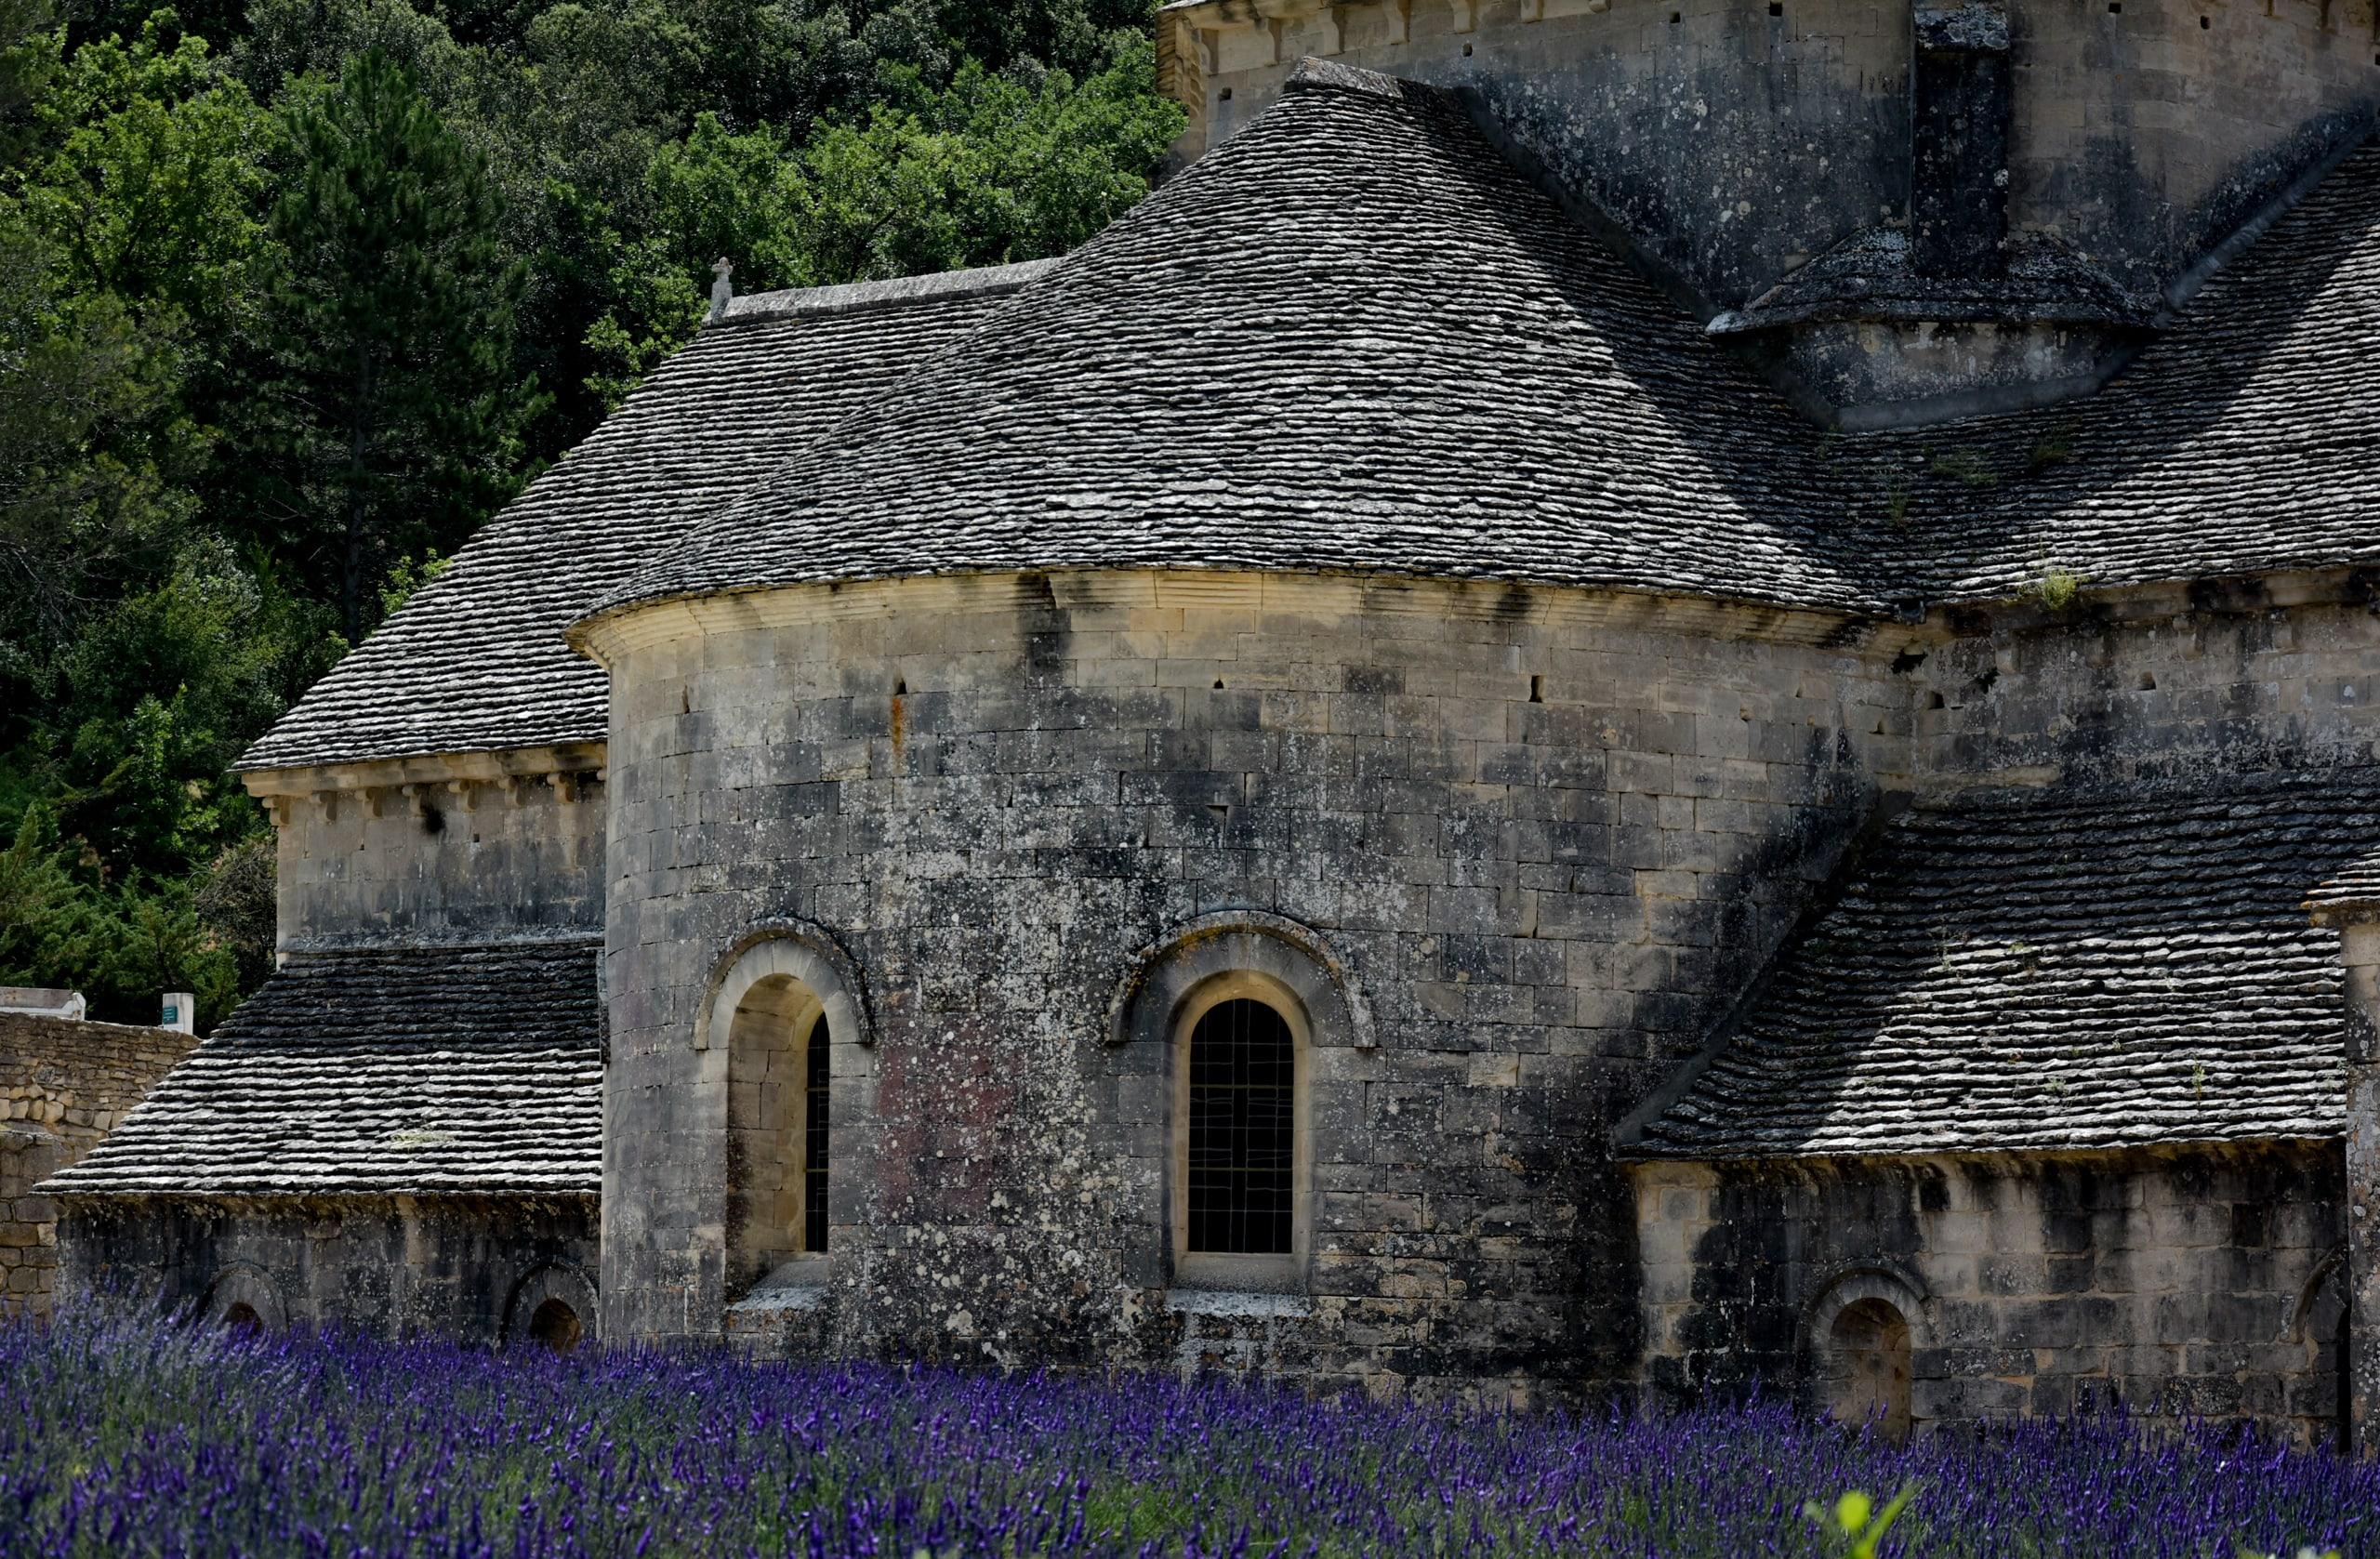 L'abside della chiesa del complesso abbazial e di Sènanque